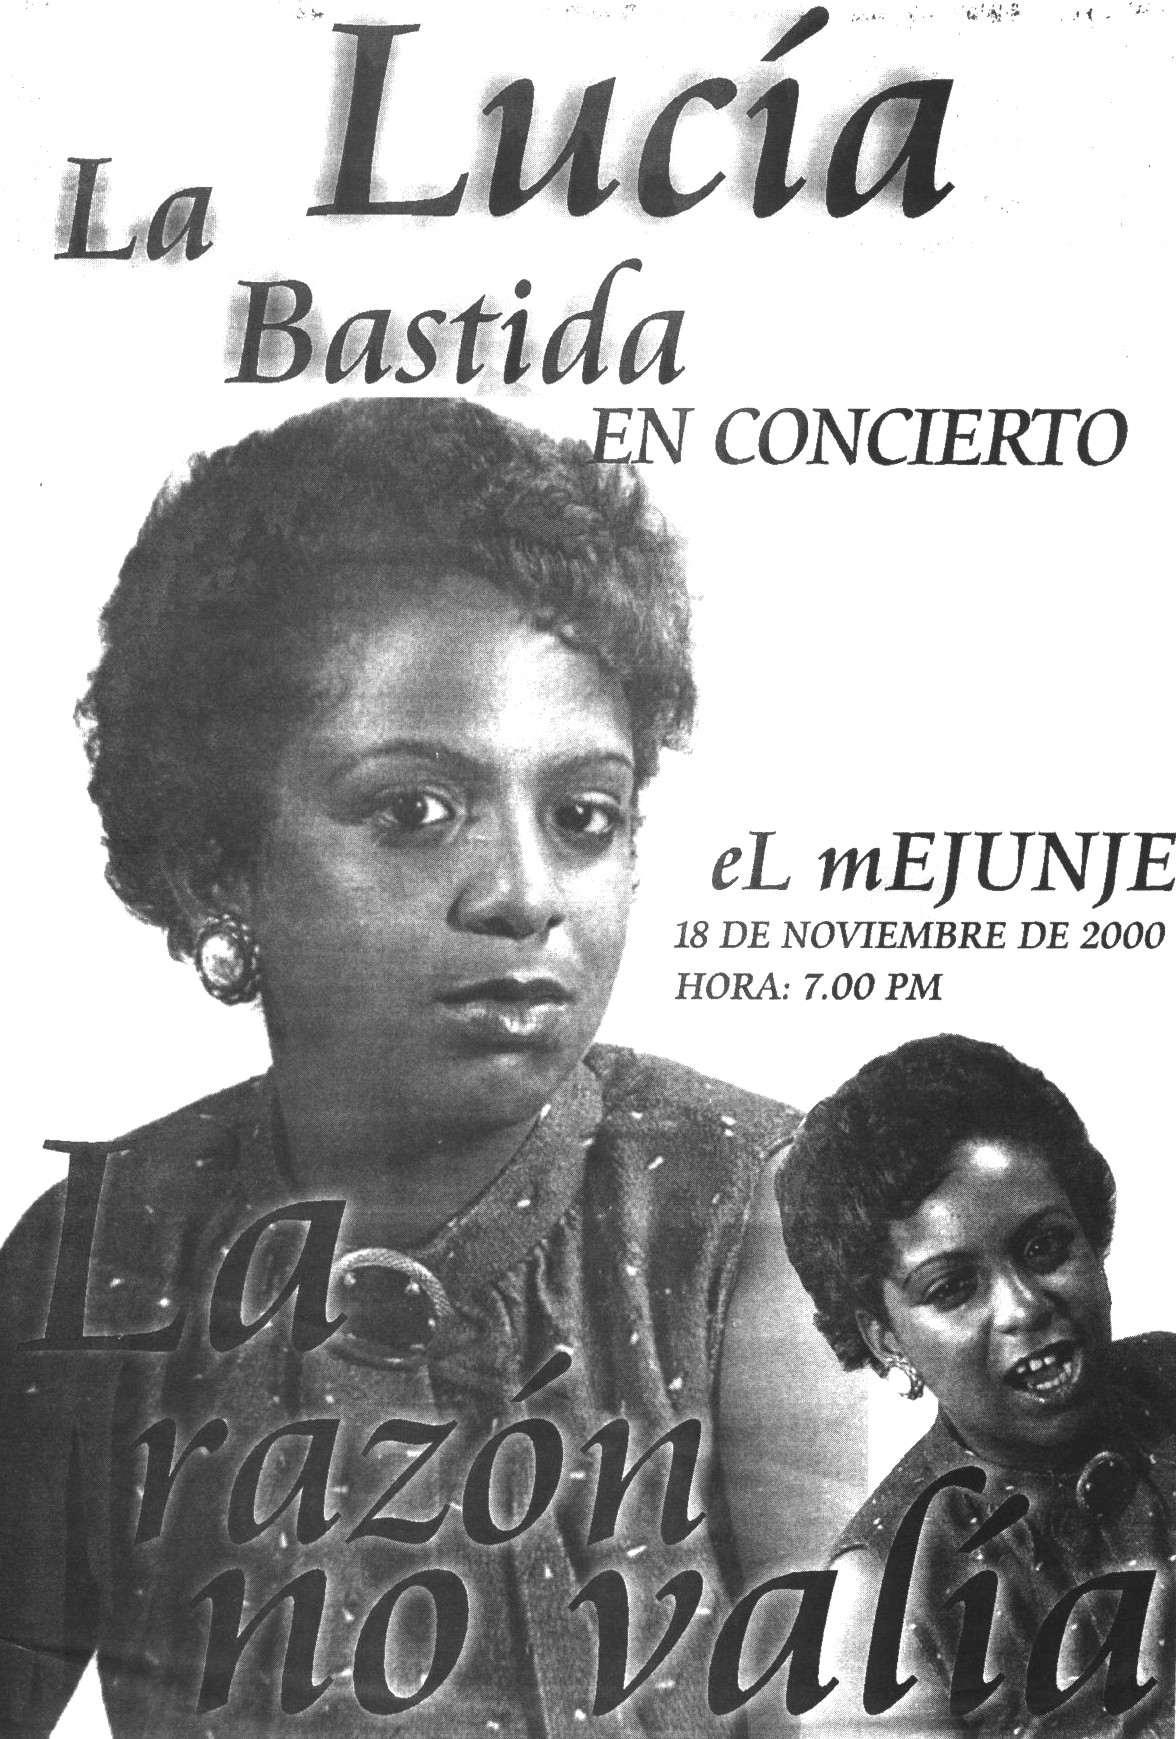 Poster of Lucía Labastida's first concert in El Mejunje. File: Alexis Castañeda